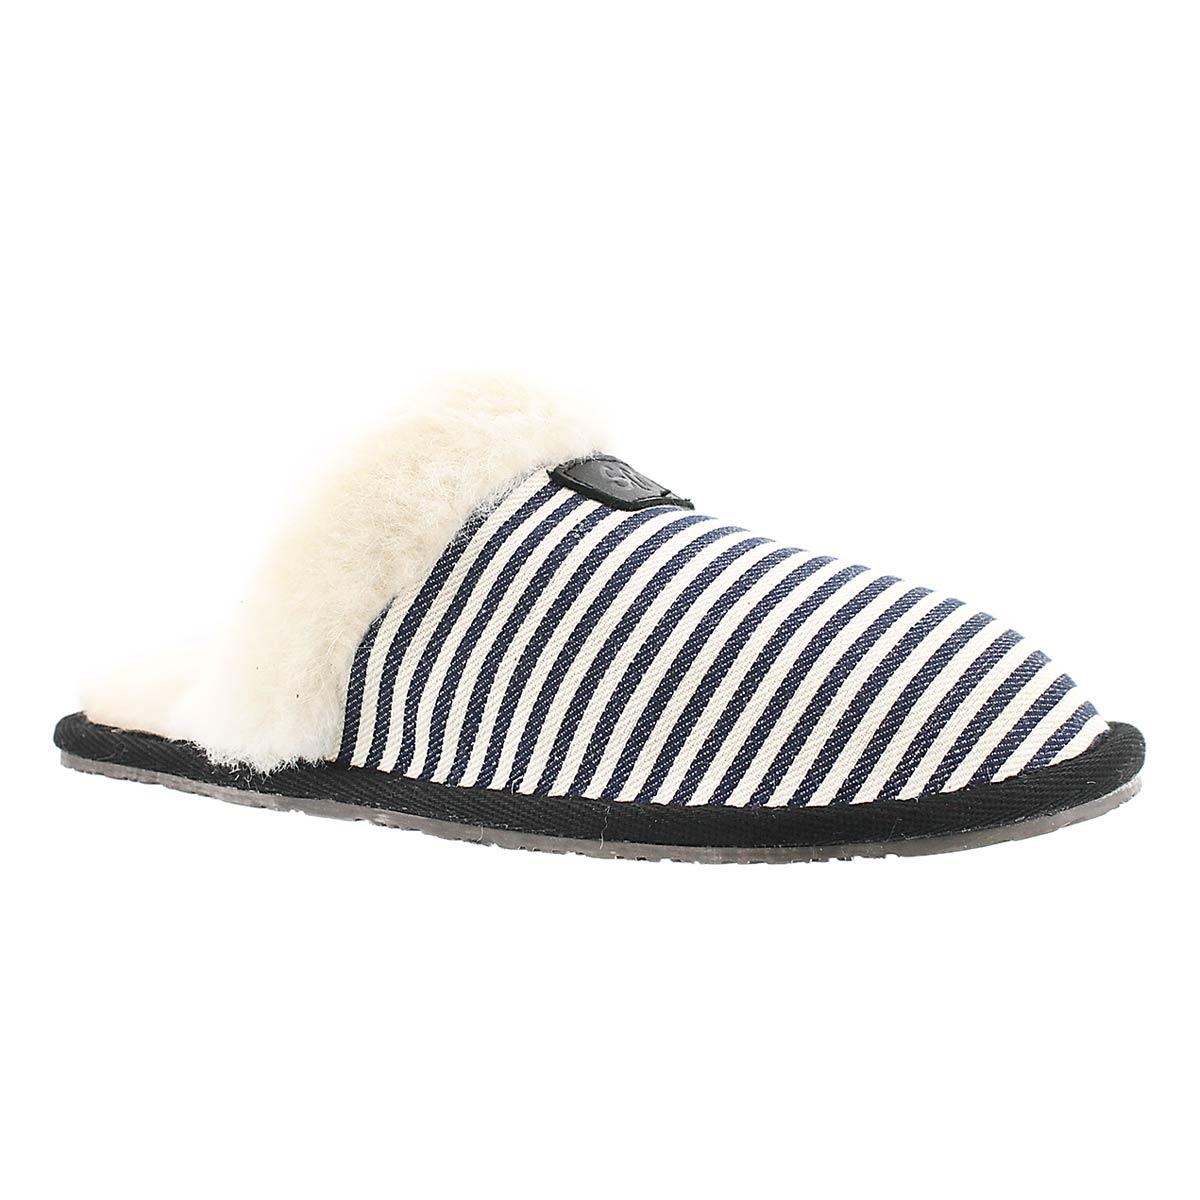 Women's STACEY navy stripe memory foam slippers